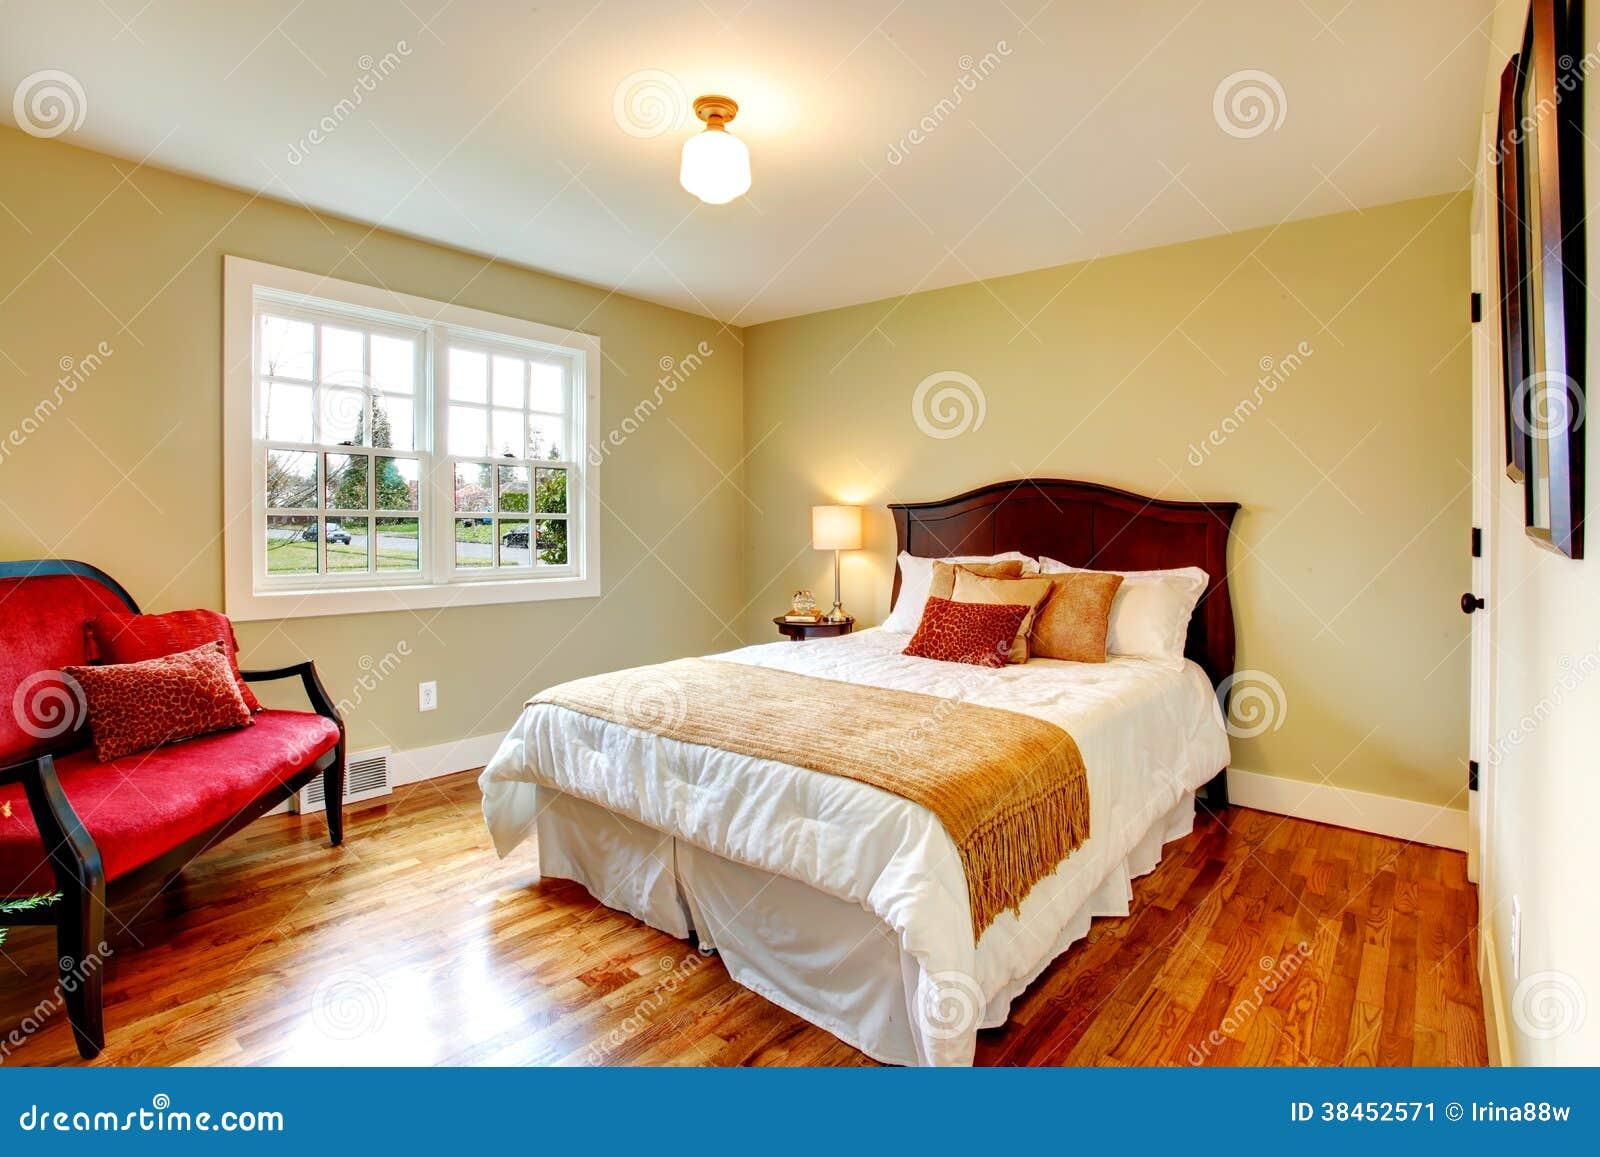 colori camera da letto cromoterapia ~ dragtime for . - Colori Camera Da Letto Cromoterapia